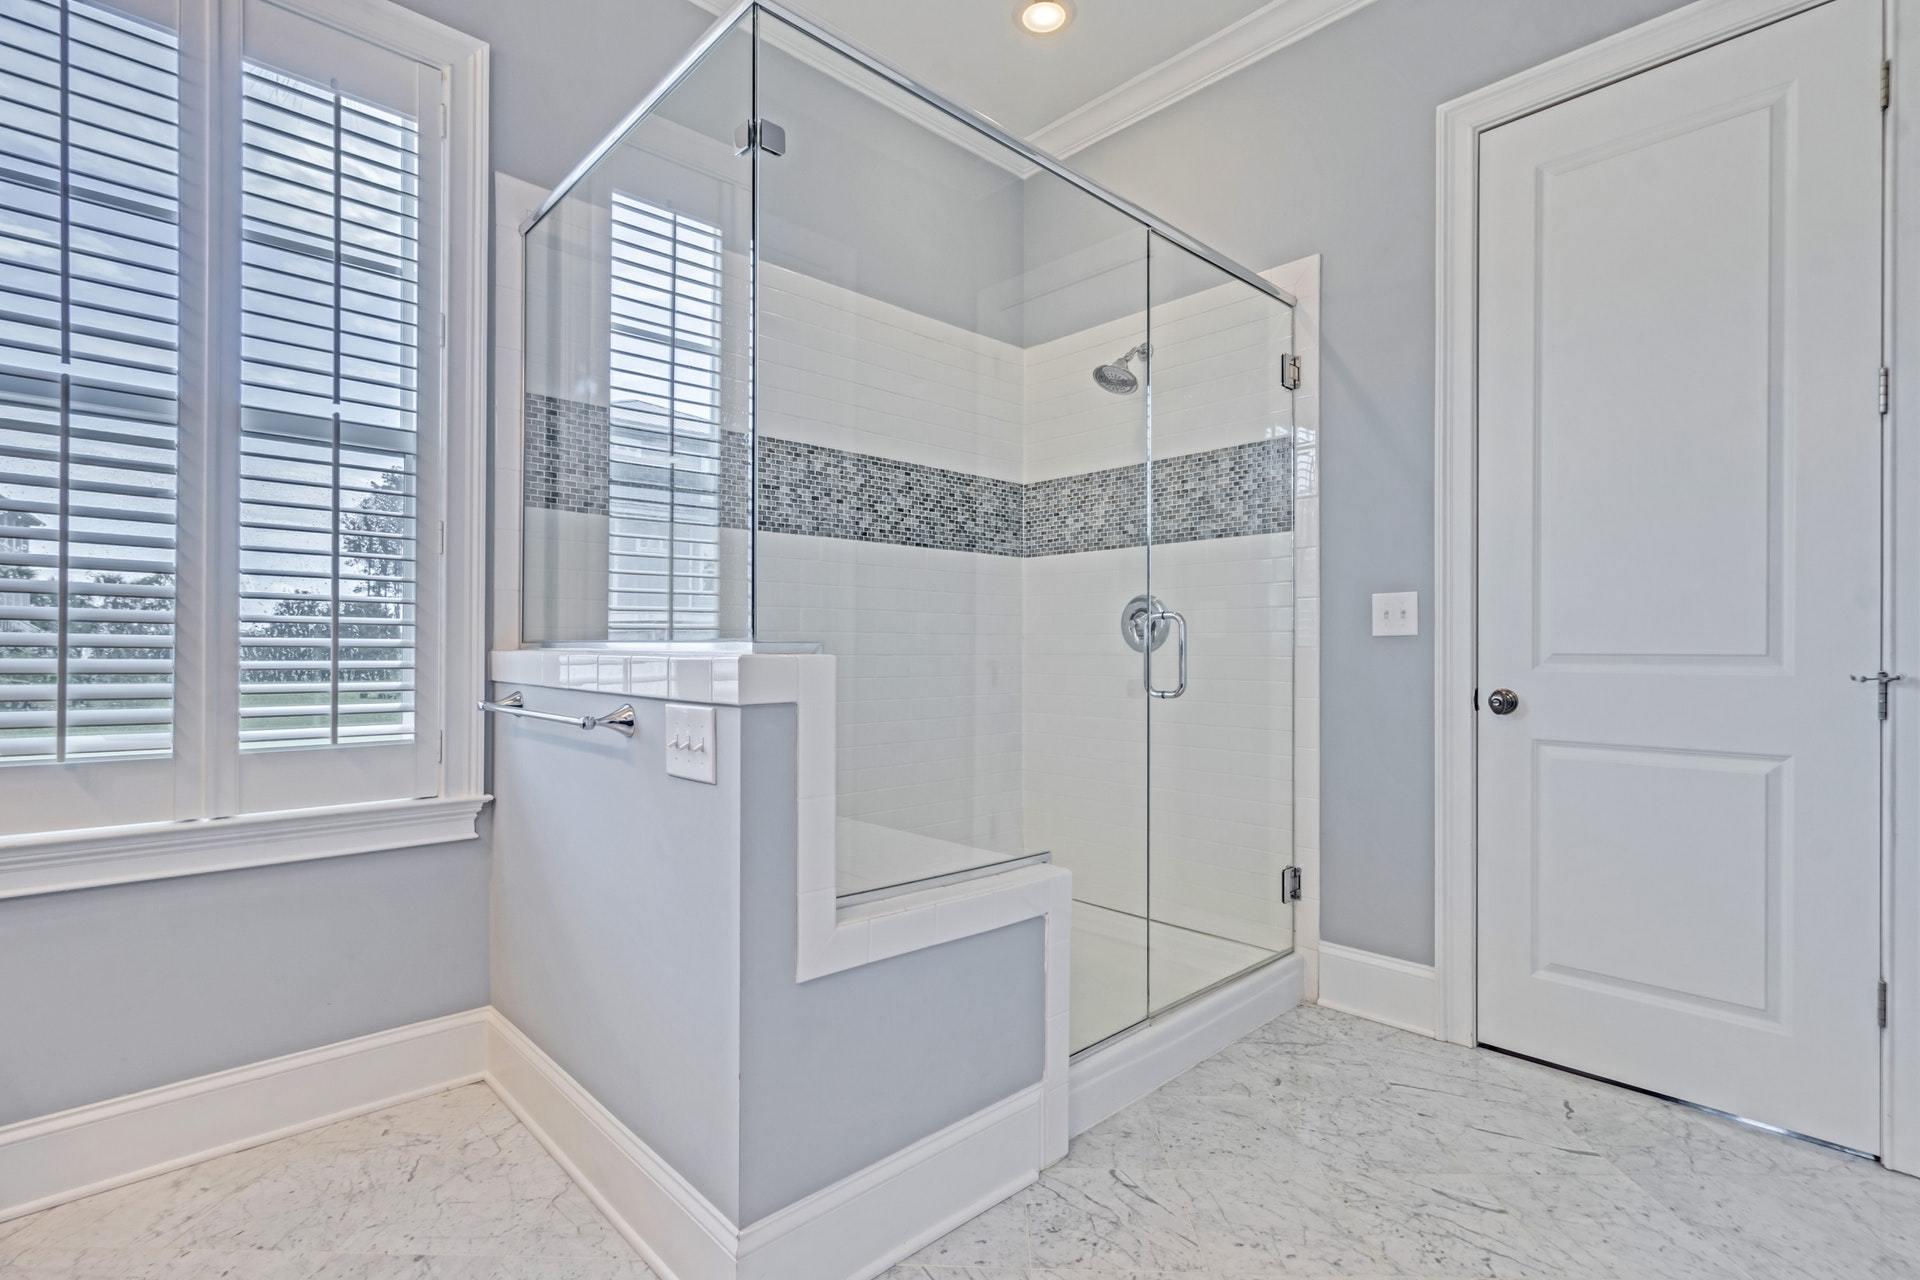 Dunes West Homes For Sale - 2816 River Vista, Mount Pleasant, SC - 45